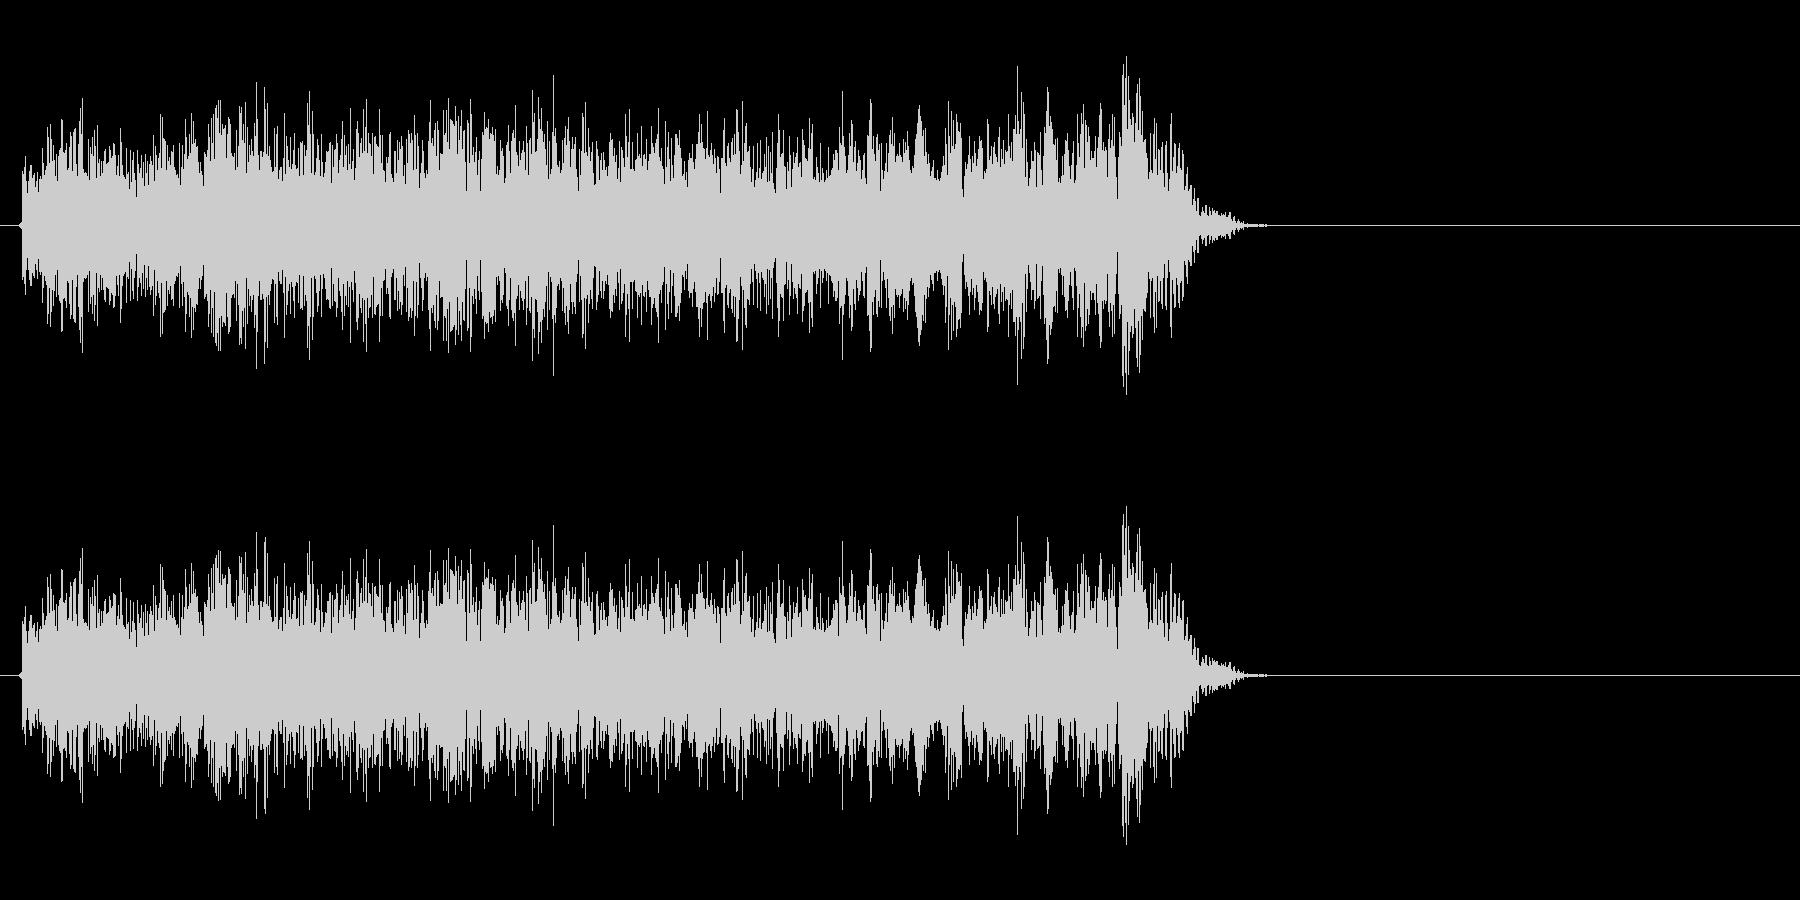 特撮などで使うビーム光線のような音ですの未再生の波形